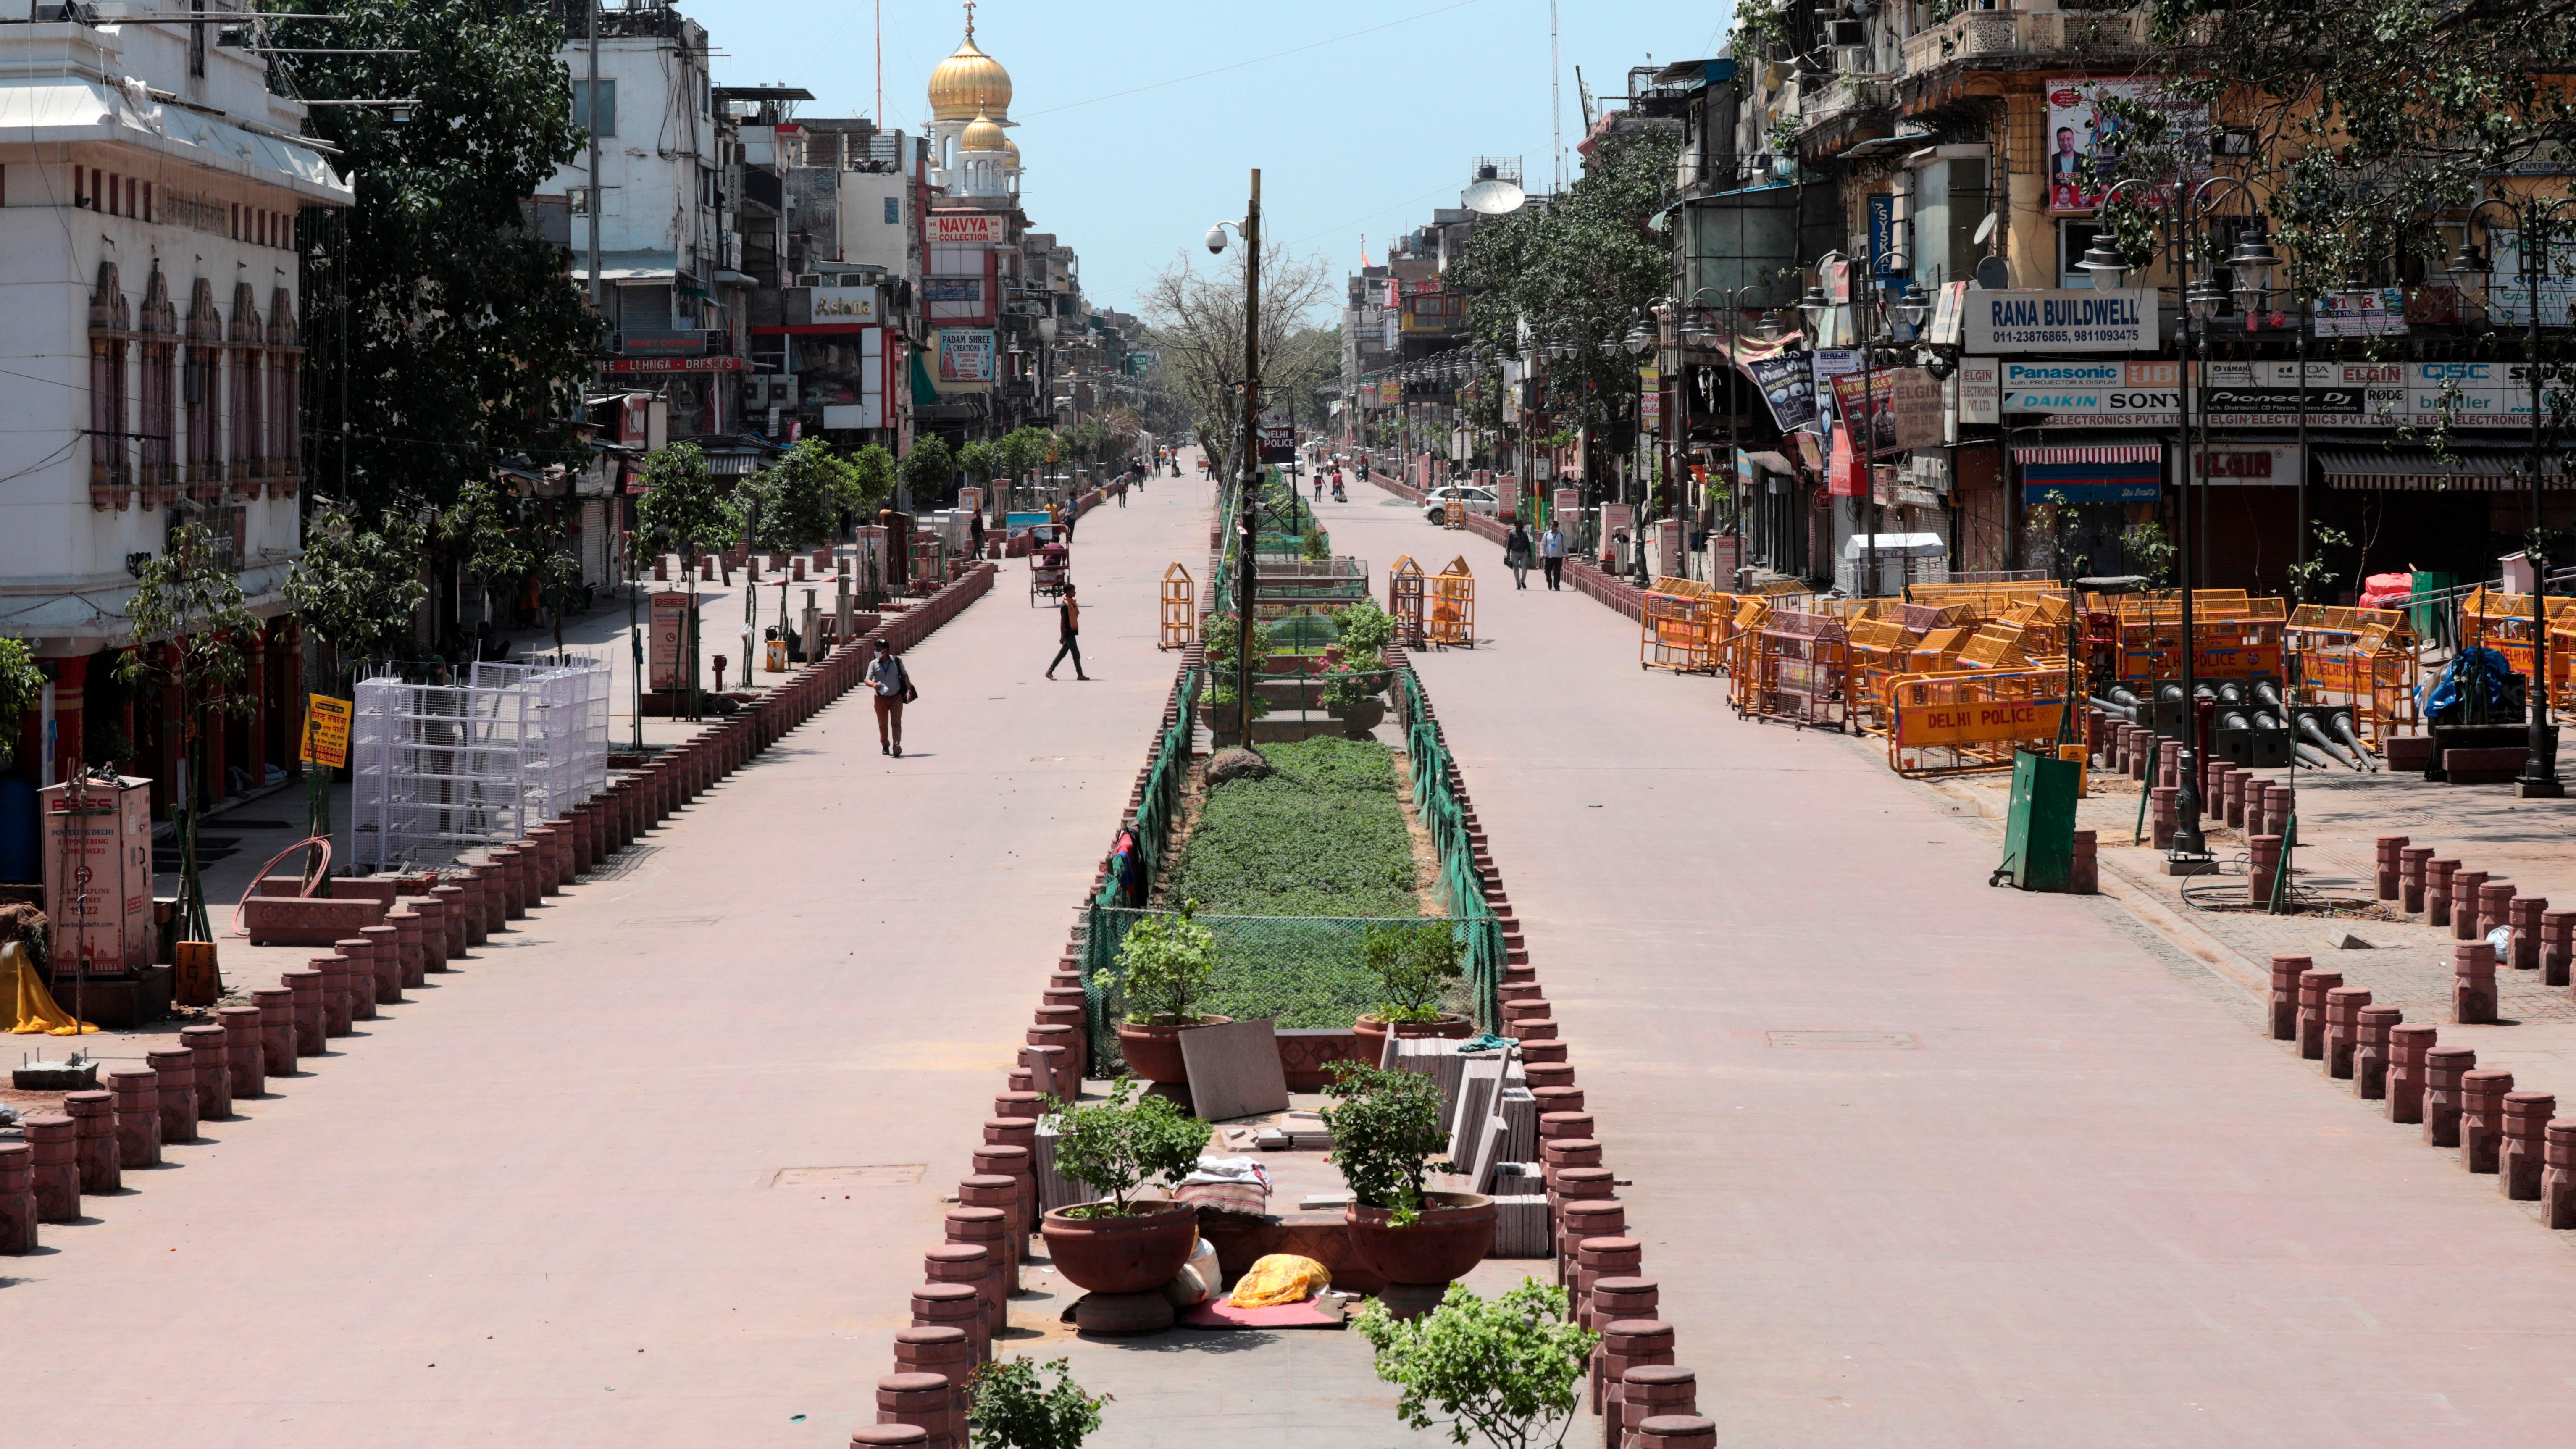 Según las órdenes de la Autoridad de Gestión de Desastres de Delhi, los gimnasios, spas, centros comerciales y auditorios permanecerán cerrados hasta nuevo aviso.